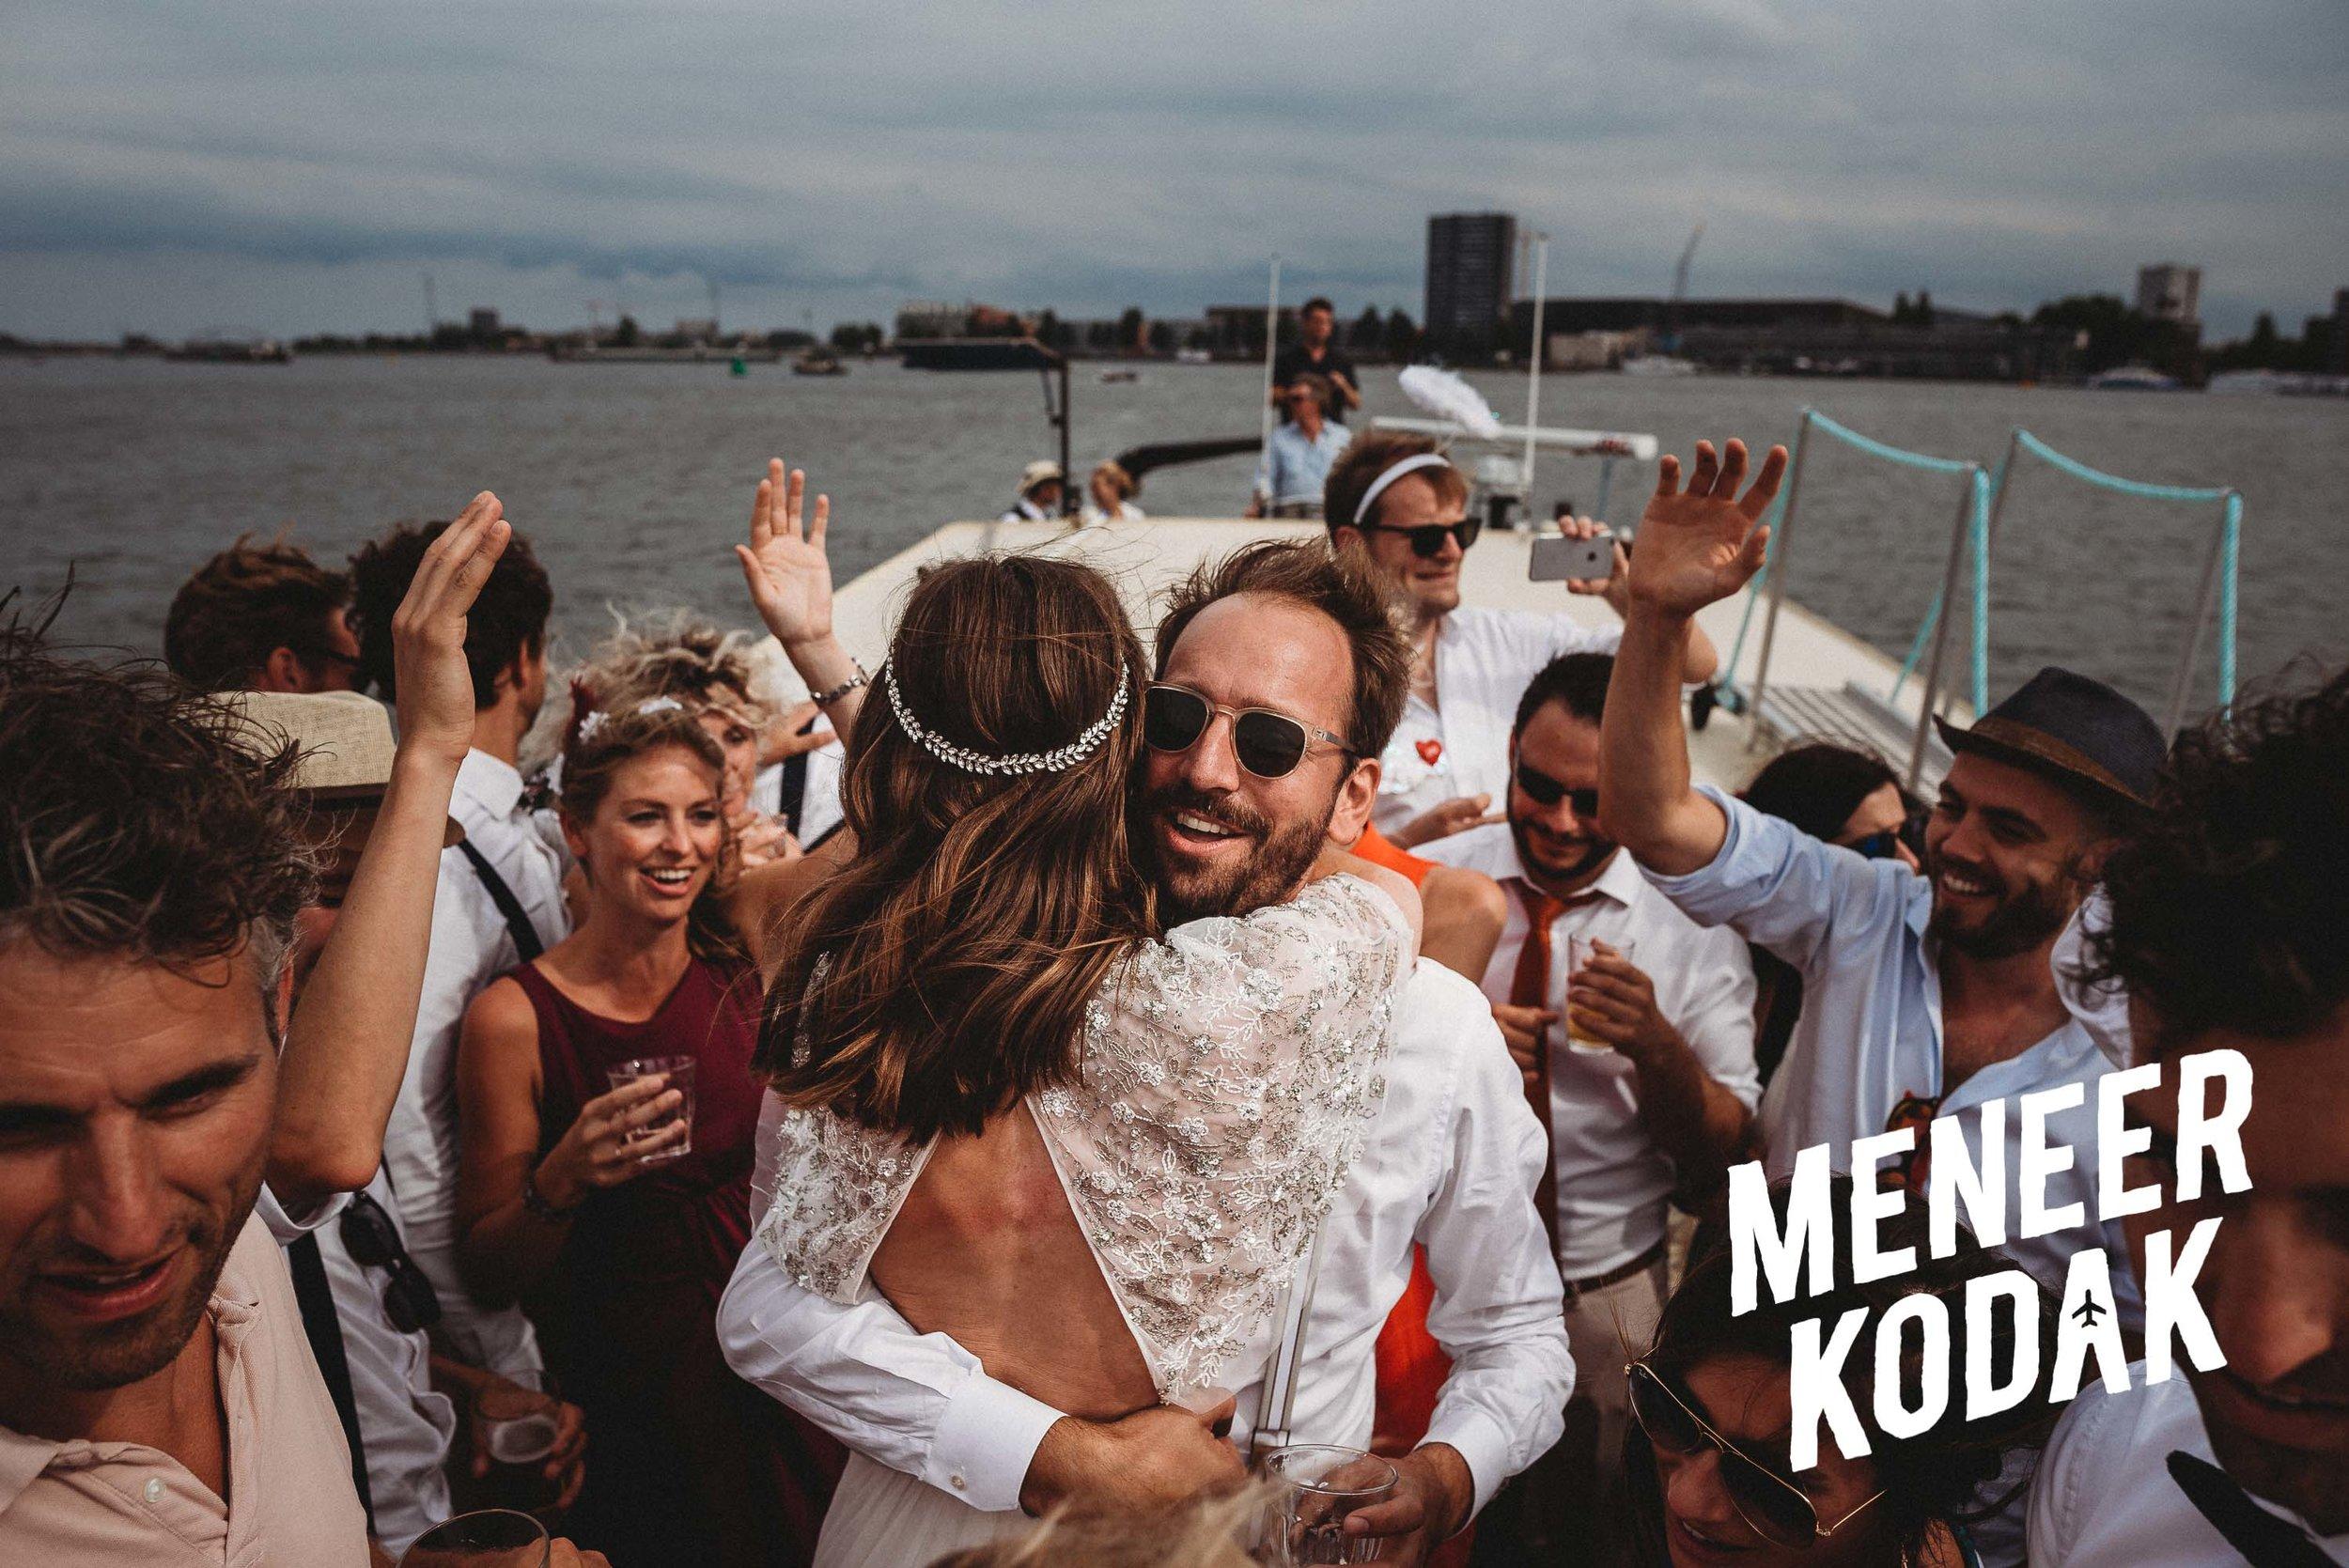 Meneer Kodak - Trouwfotograaf - Amsterdam - H&T-089.jpg